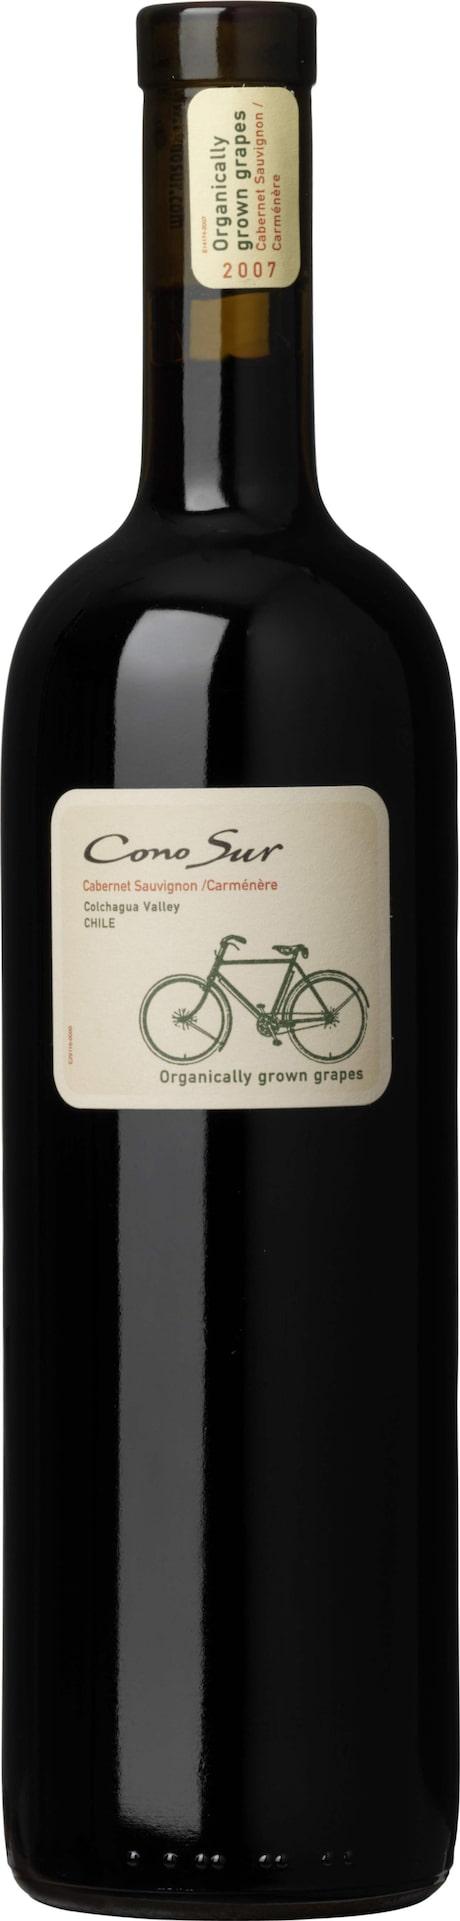 RöttCono Sur Cabernet Sauvignon Carmenere 2013 (6586) Chile, 91 krSmidigt och följsamt med toner av vinbär och örter. Gärna till gnocchi med rostad skinka och brynt smör.